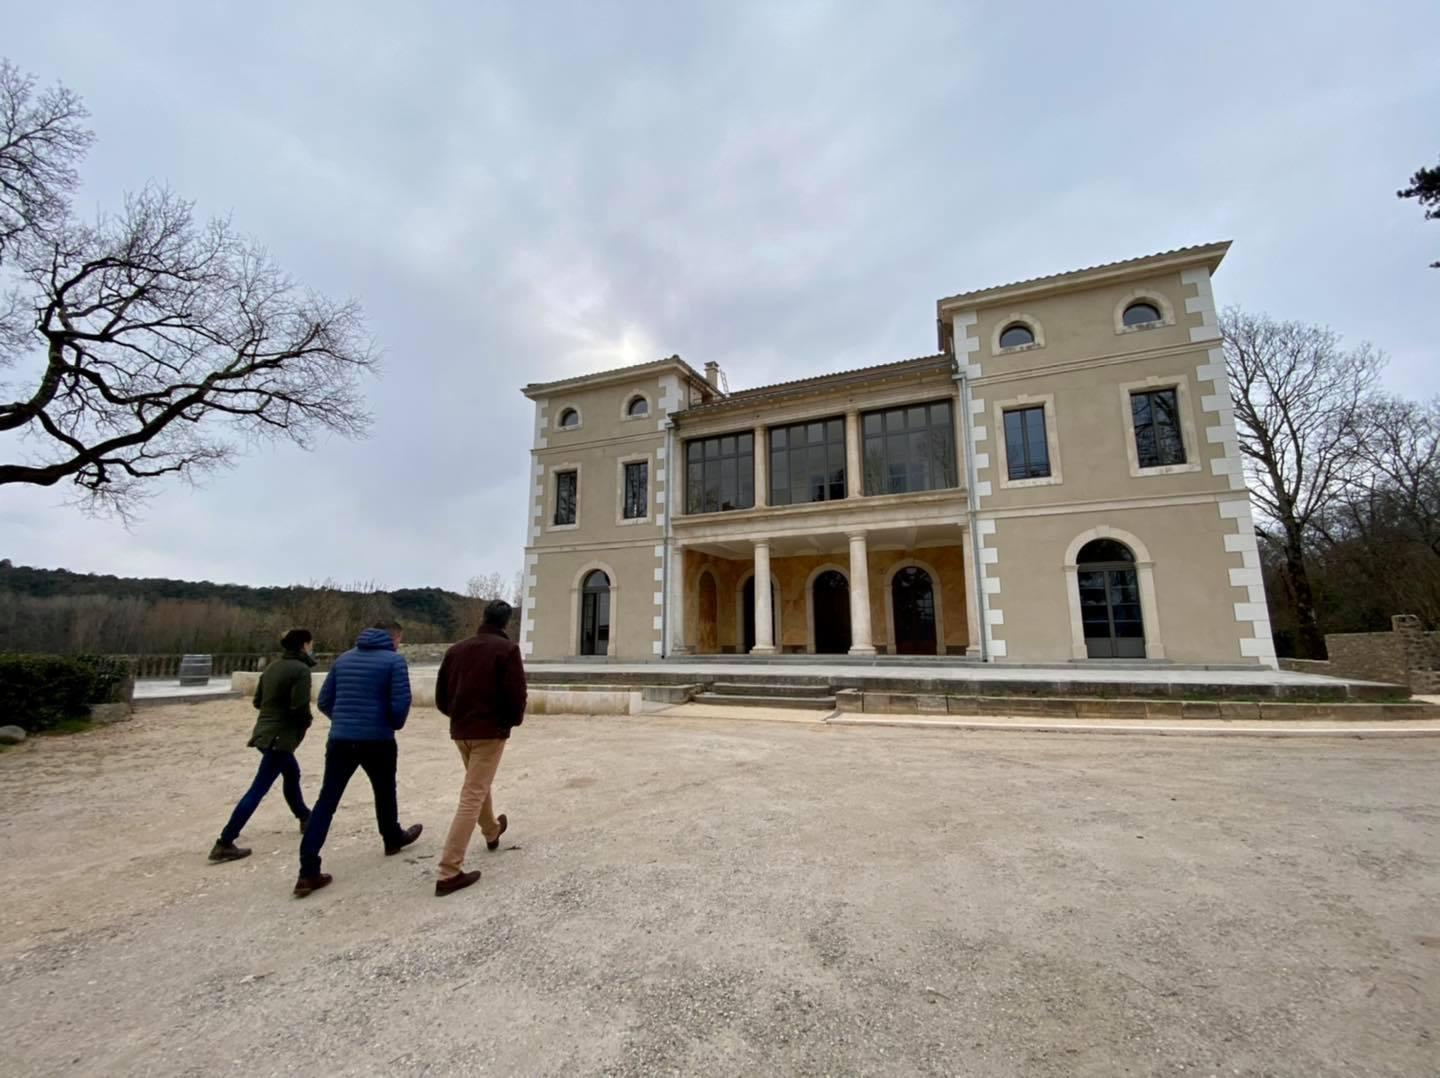 Visite du nouvel établissement touristique de Ludovic et Chloëe WALBAUM à Vallon Pont d'Arc.